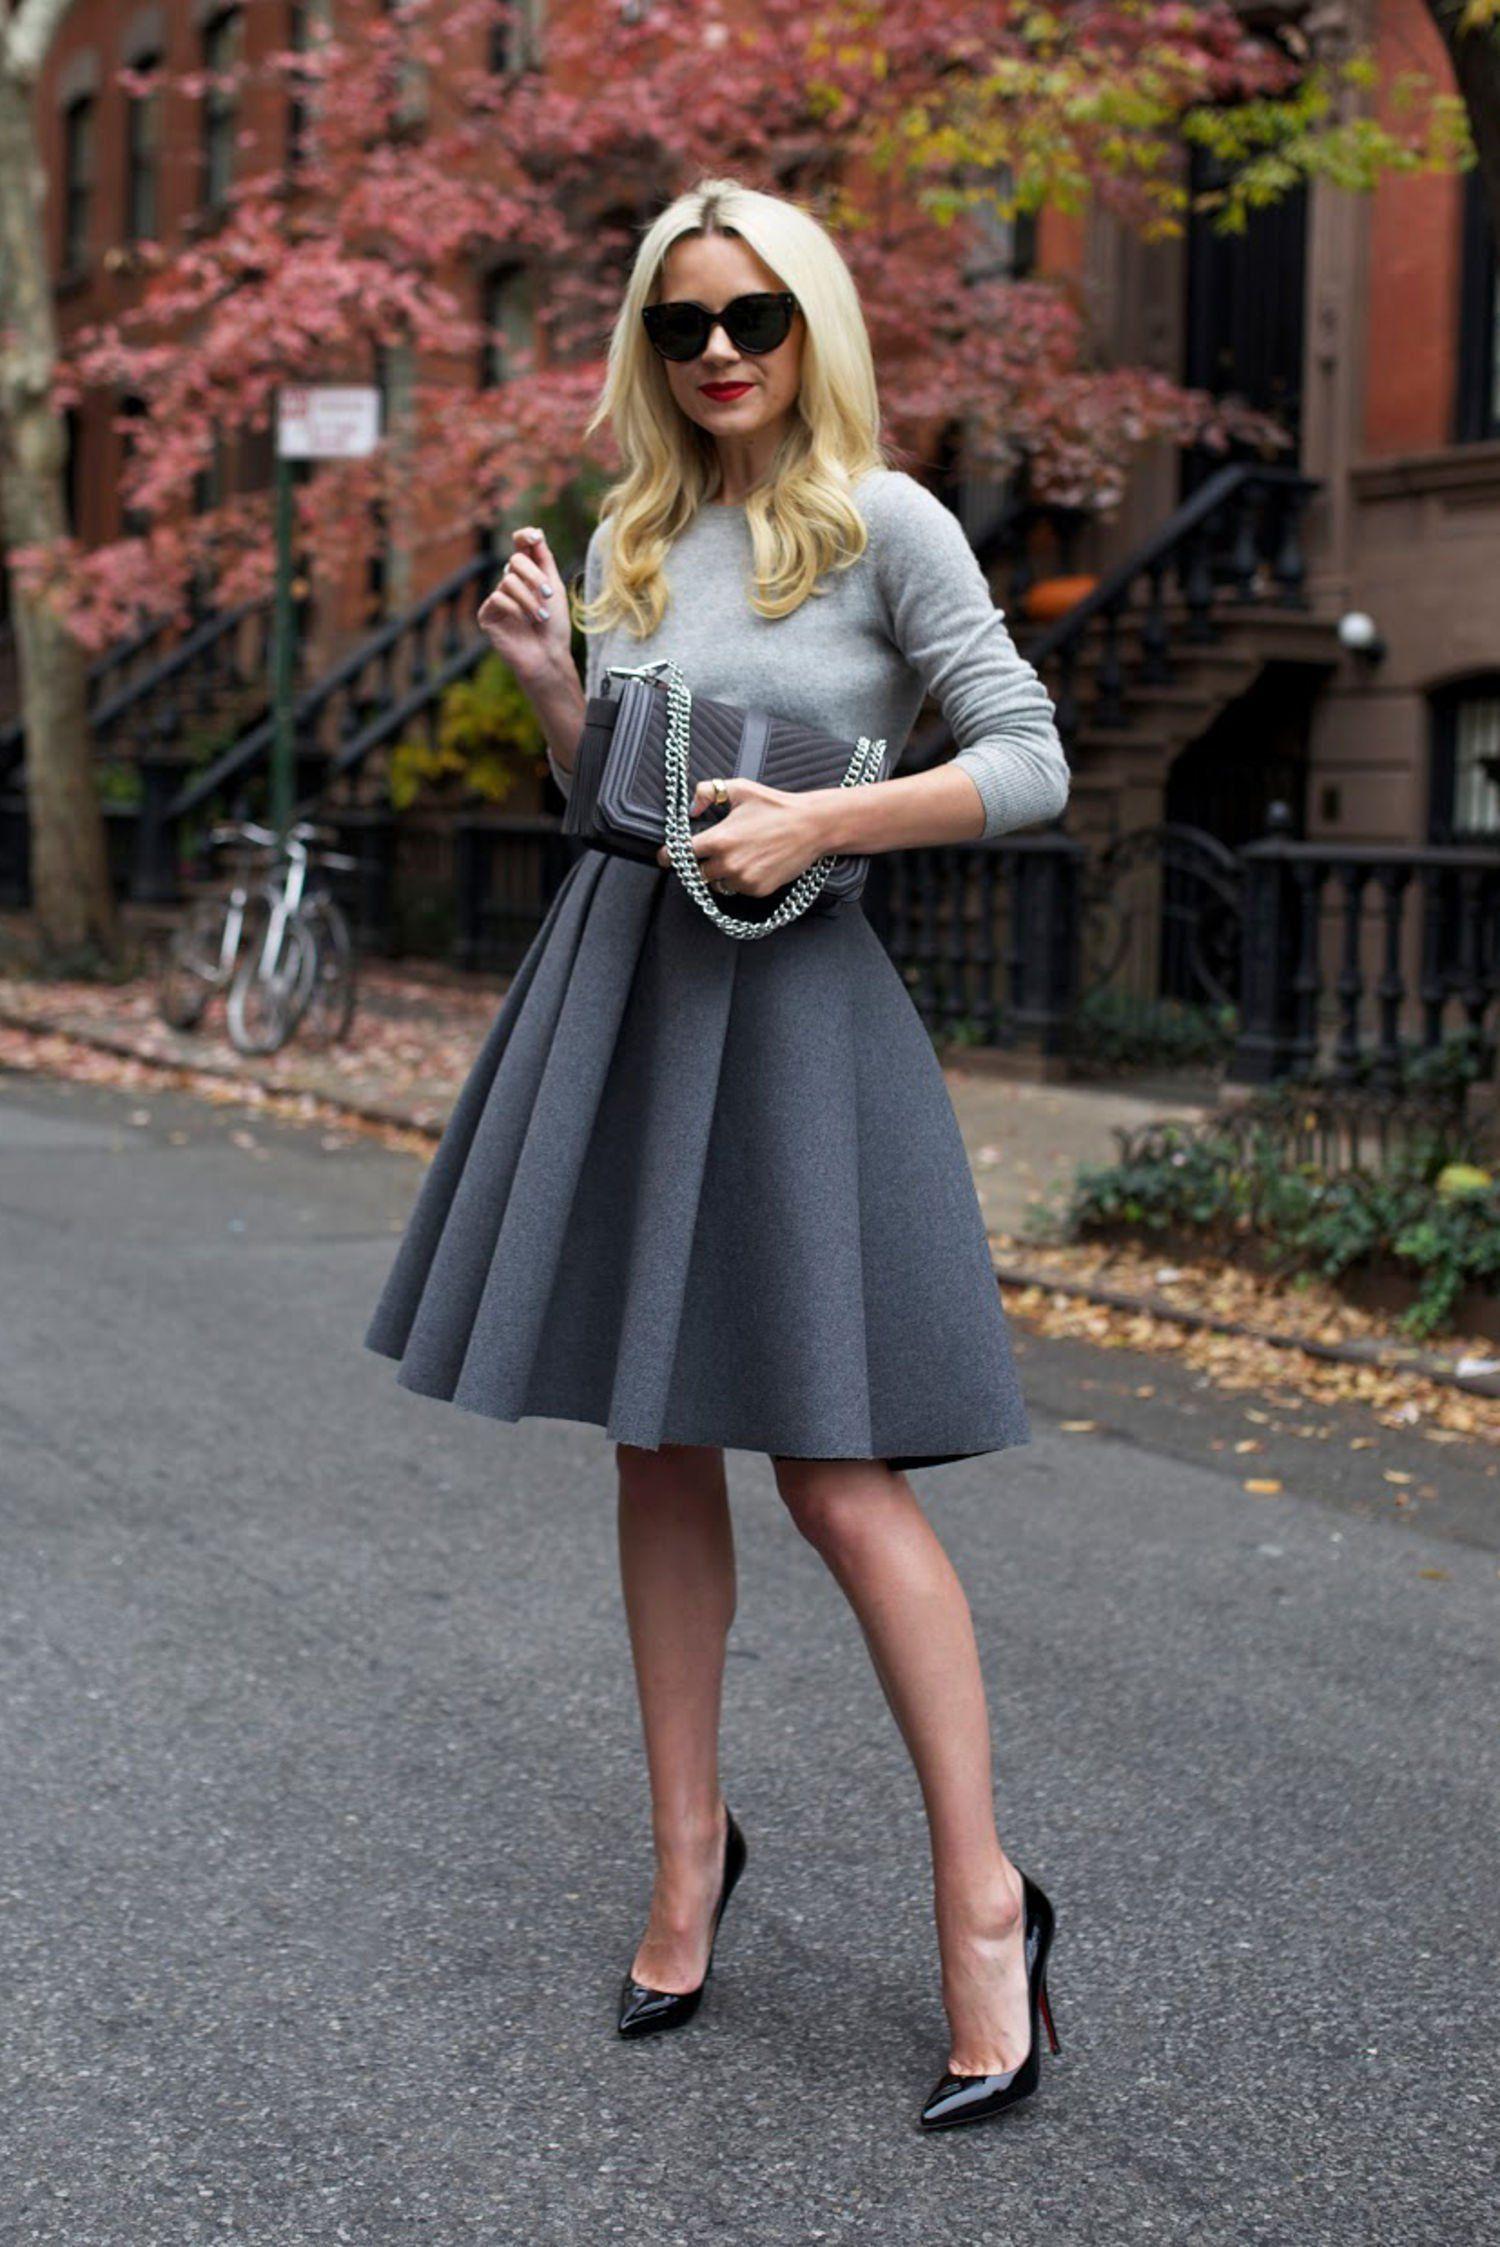 8c91b938208c7 20 Ideas de outfits que puedes usar en el trabajo y te harán lucir ...